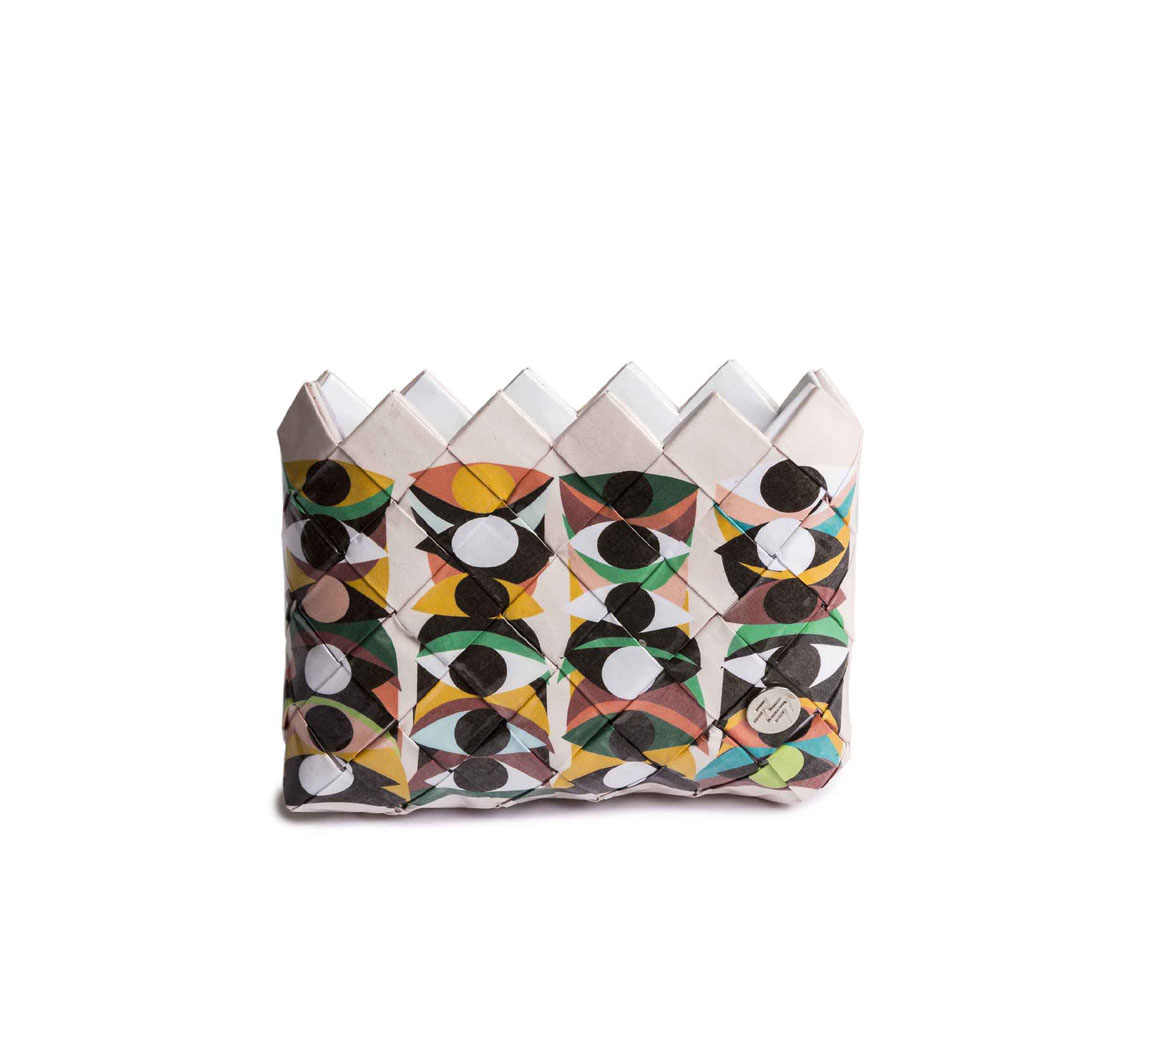 Porte monnaie en papier recyclé Mini Pochette